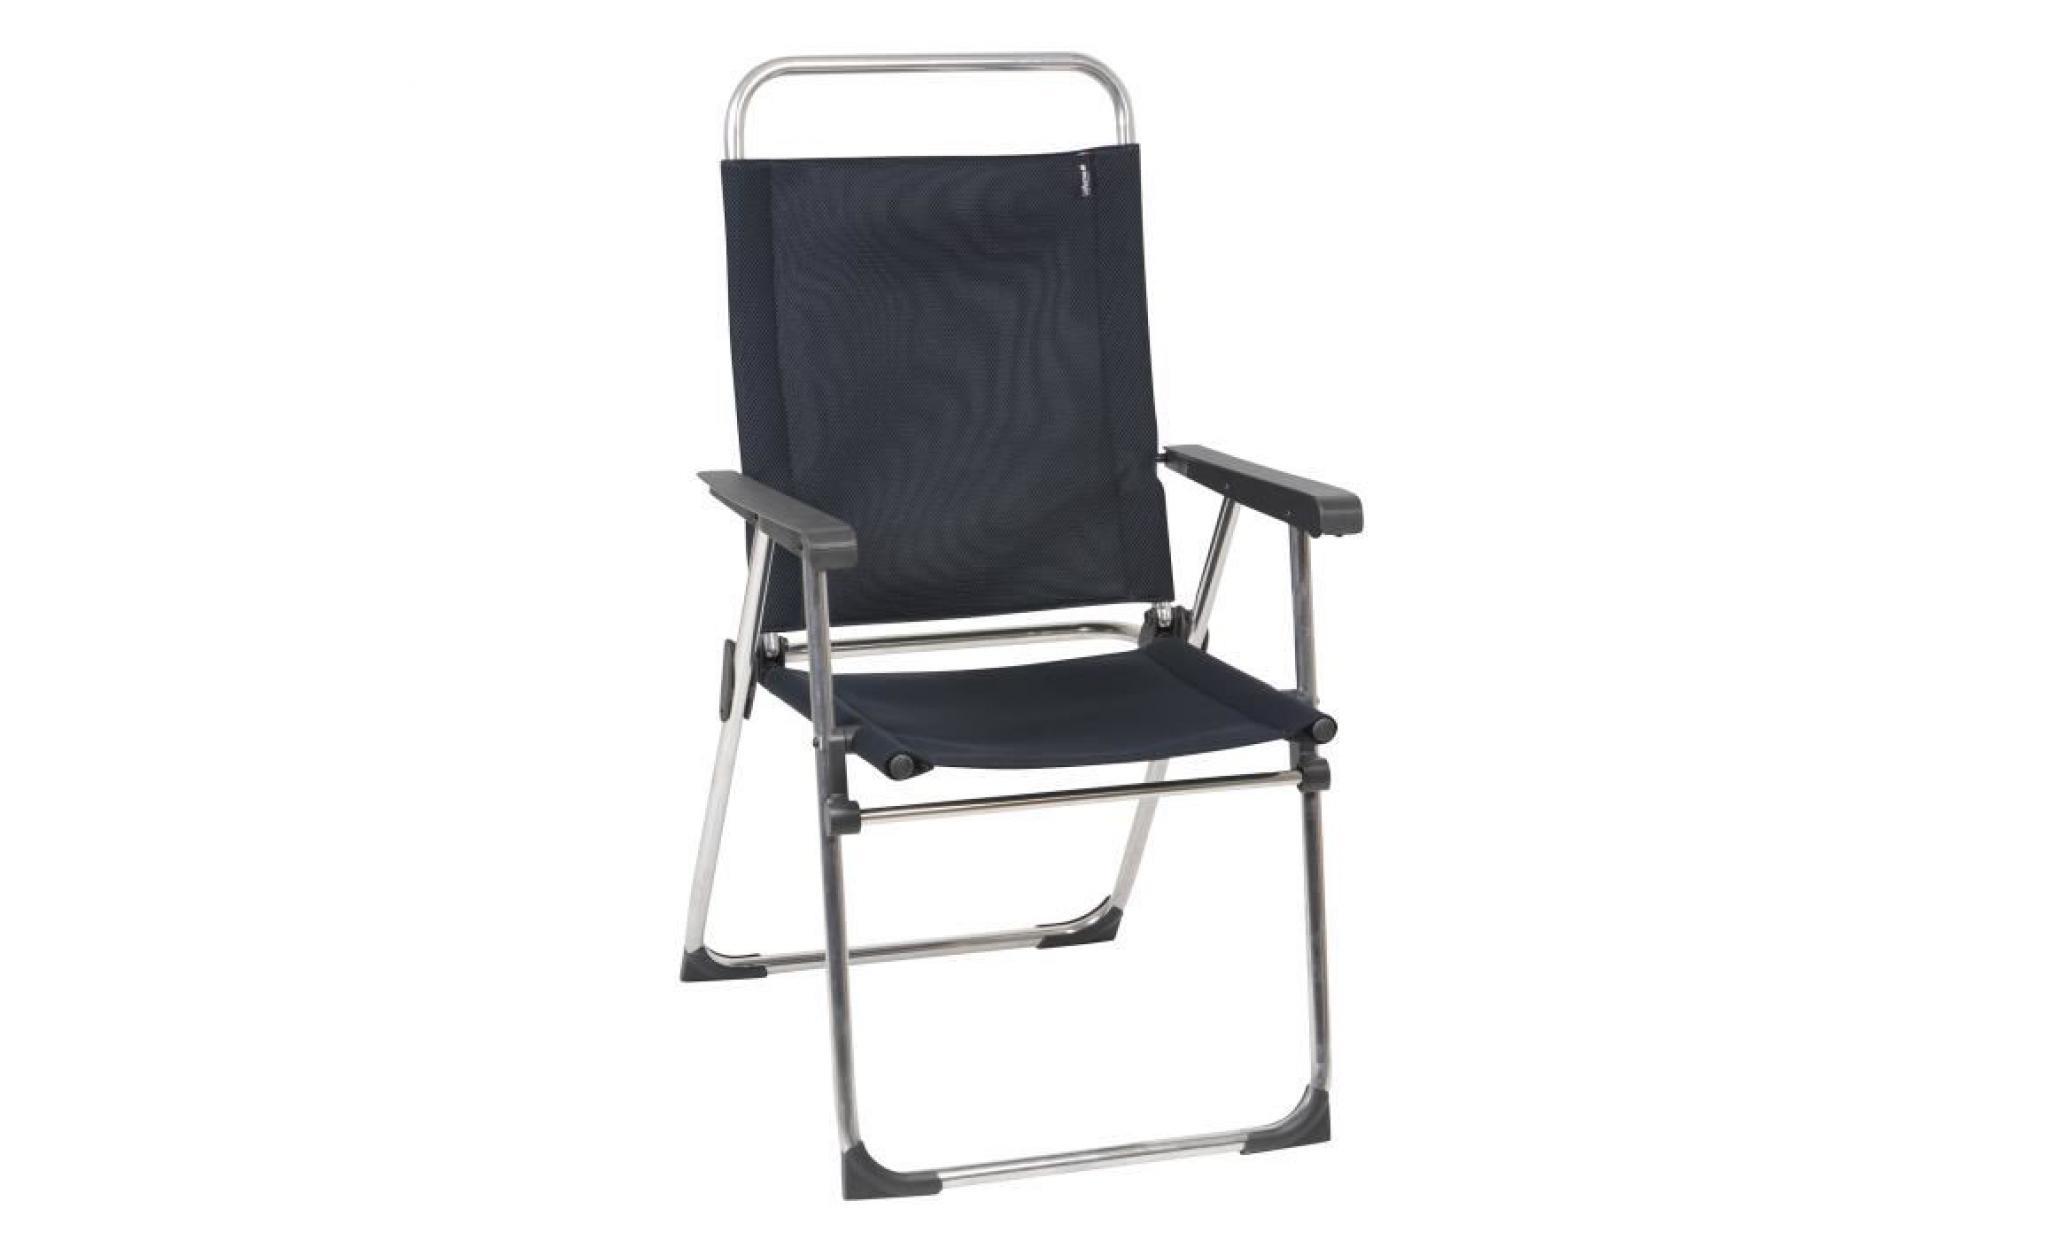 fauteuil de jardin pliant en aluminium et toile victoria acier achat vente fauteuil de jardin. Black Bedroom Furniture Sets. Home Design Ideas